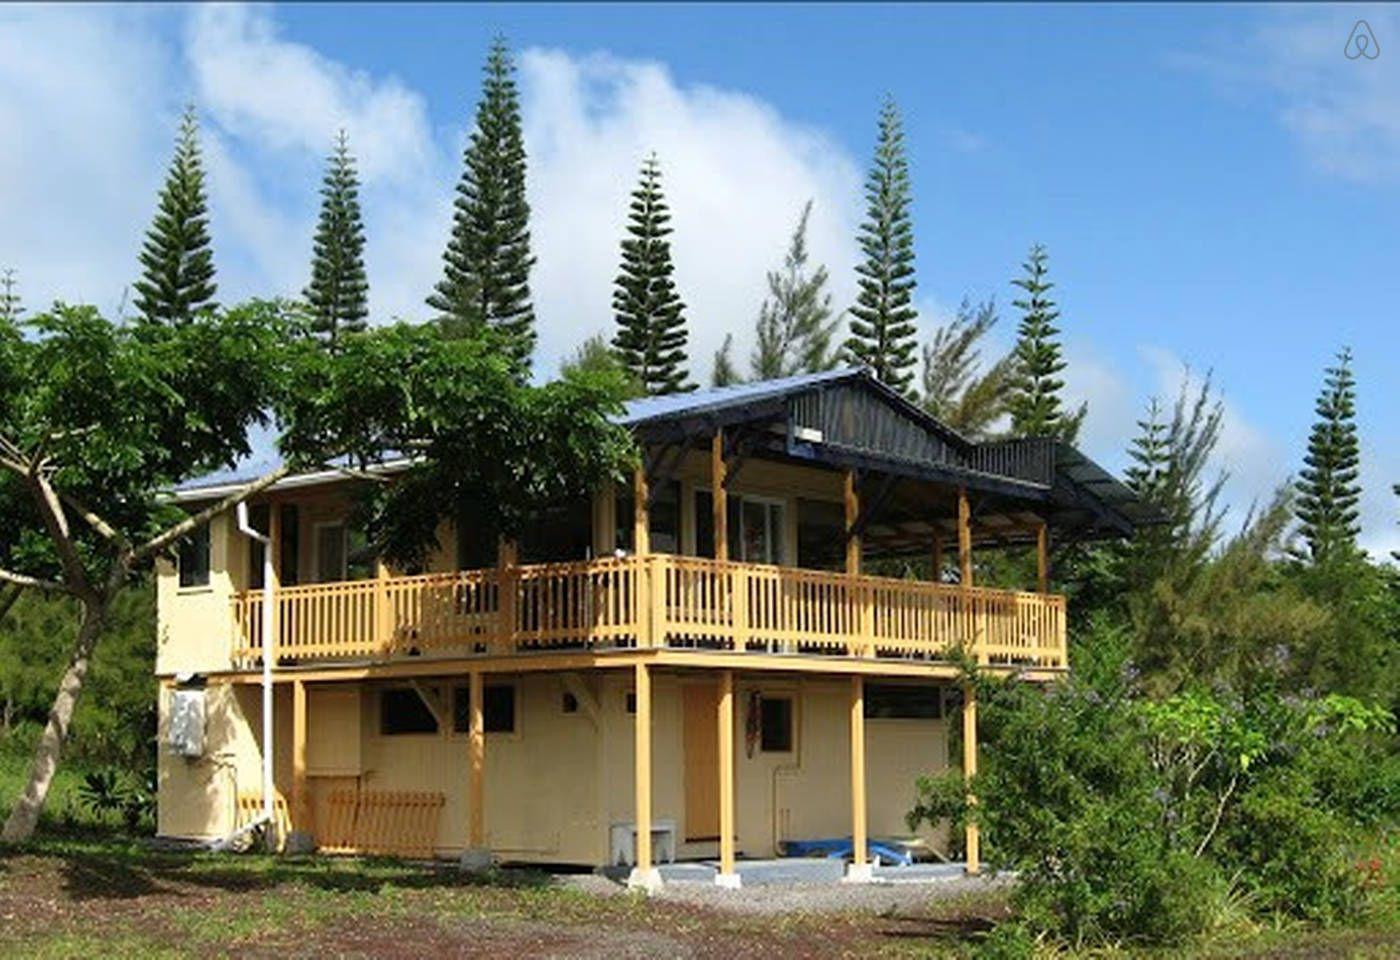 Mango House near Pahoa - vacation rental in Pähoa, Hawaii. View more: #PhoaHawaiiVacationRentals